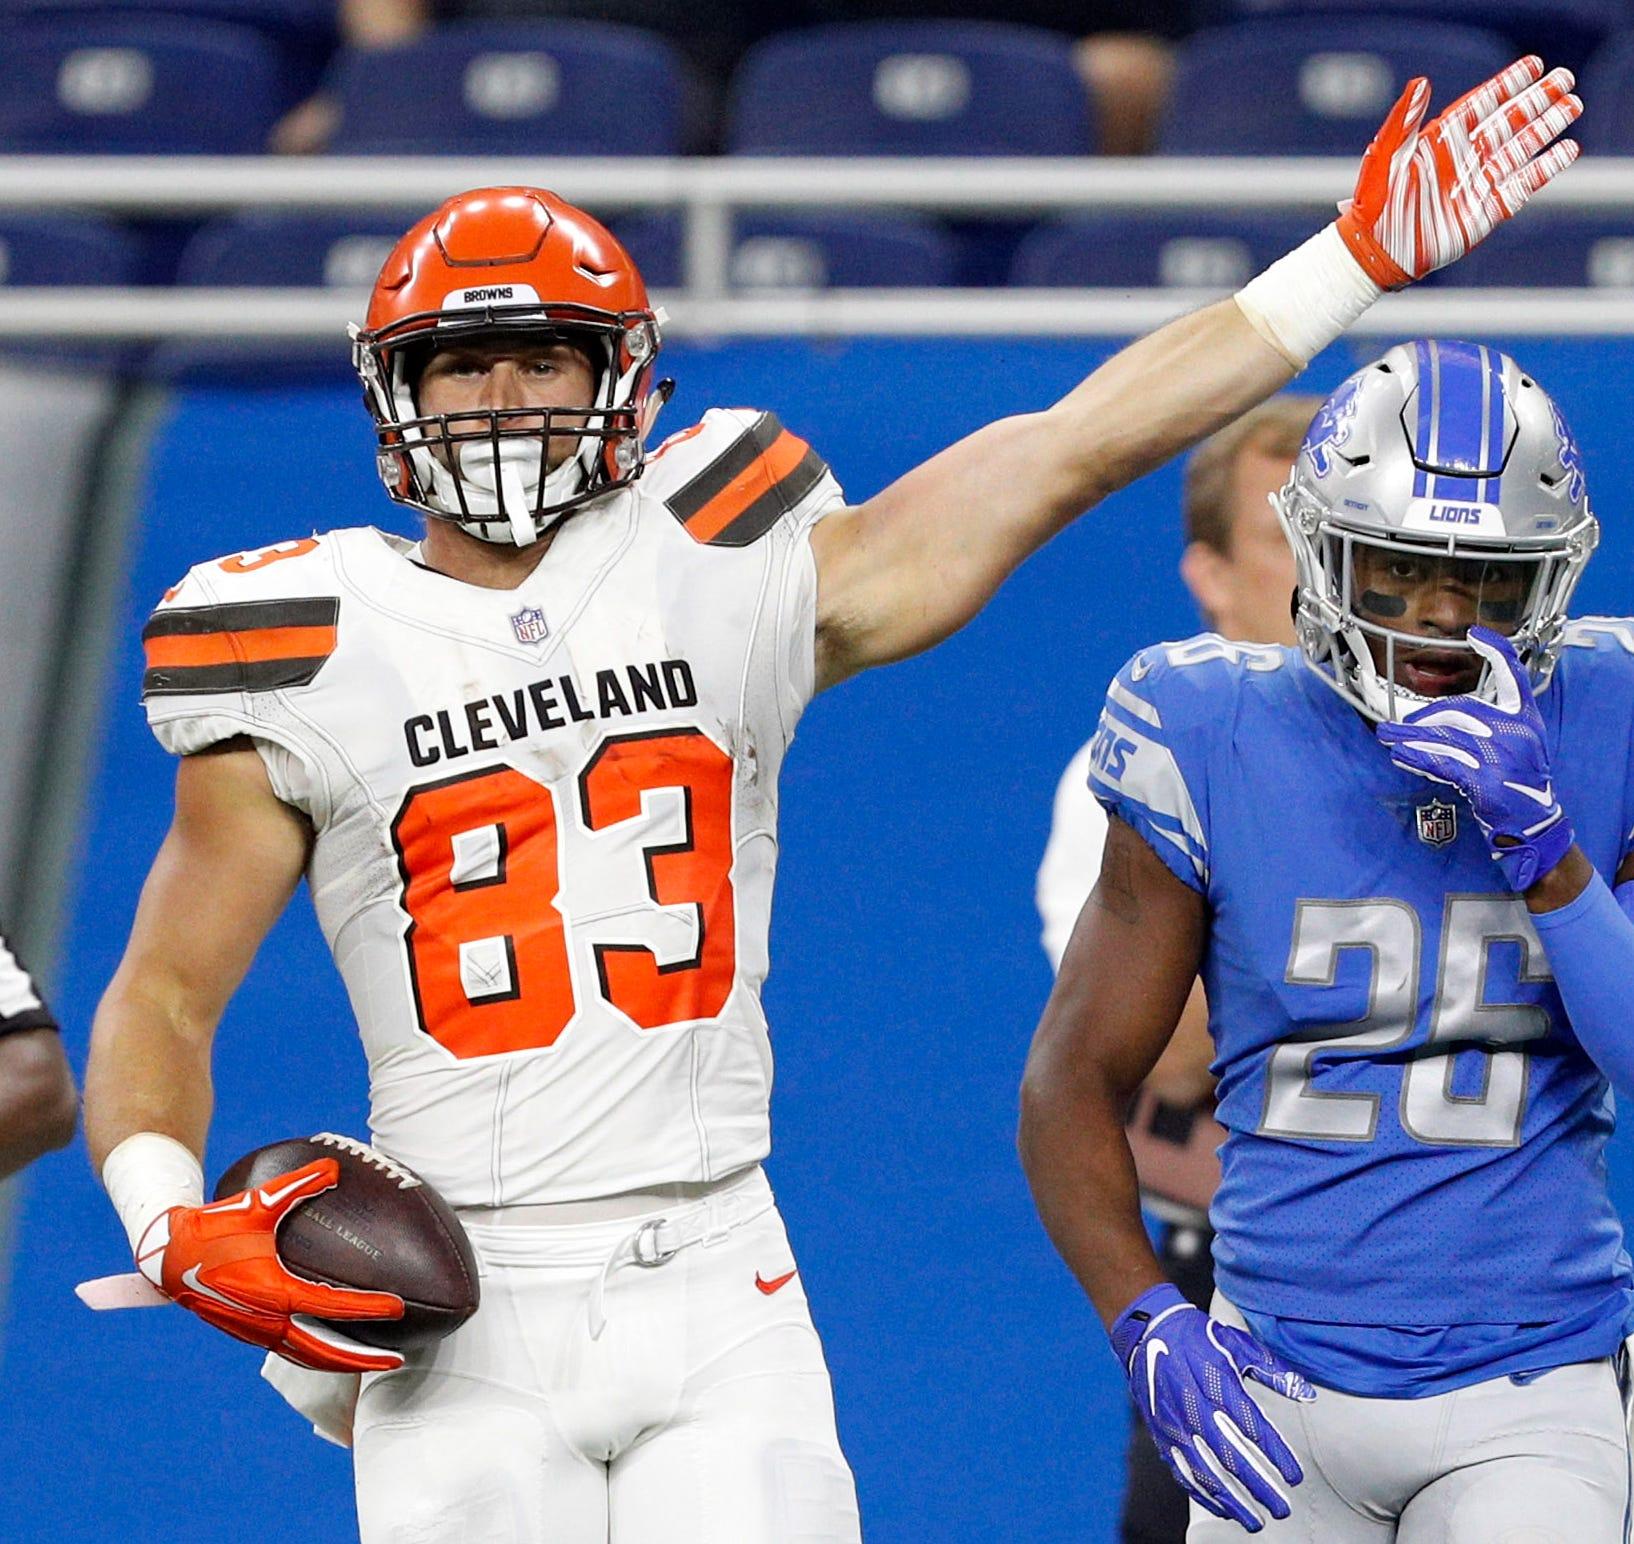 Usp Nfl Cleveland Browns At Detroit Lions S Fbn Det Cle Usa Mi